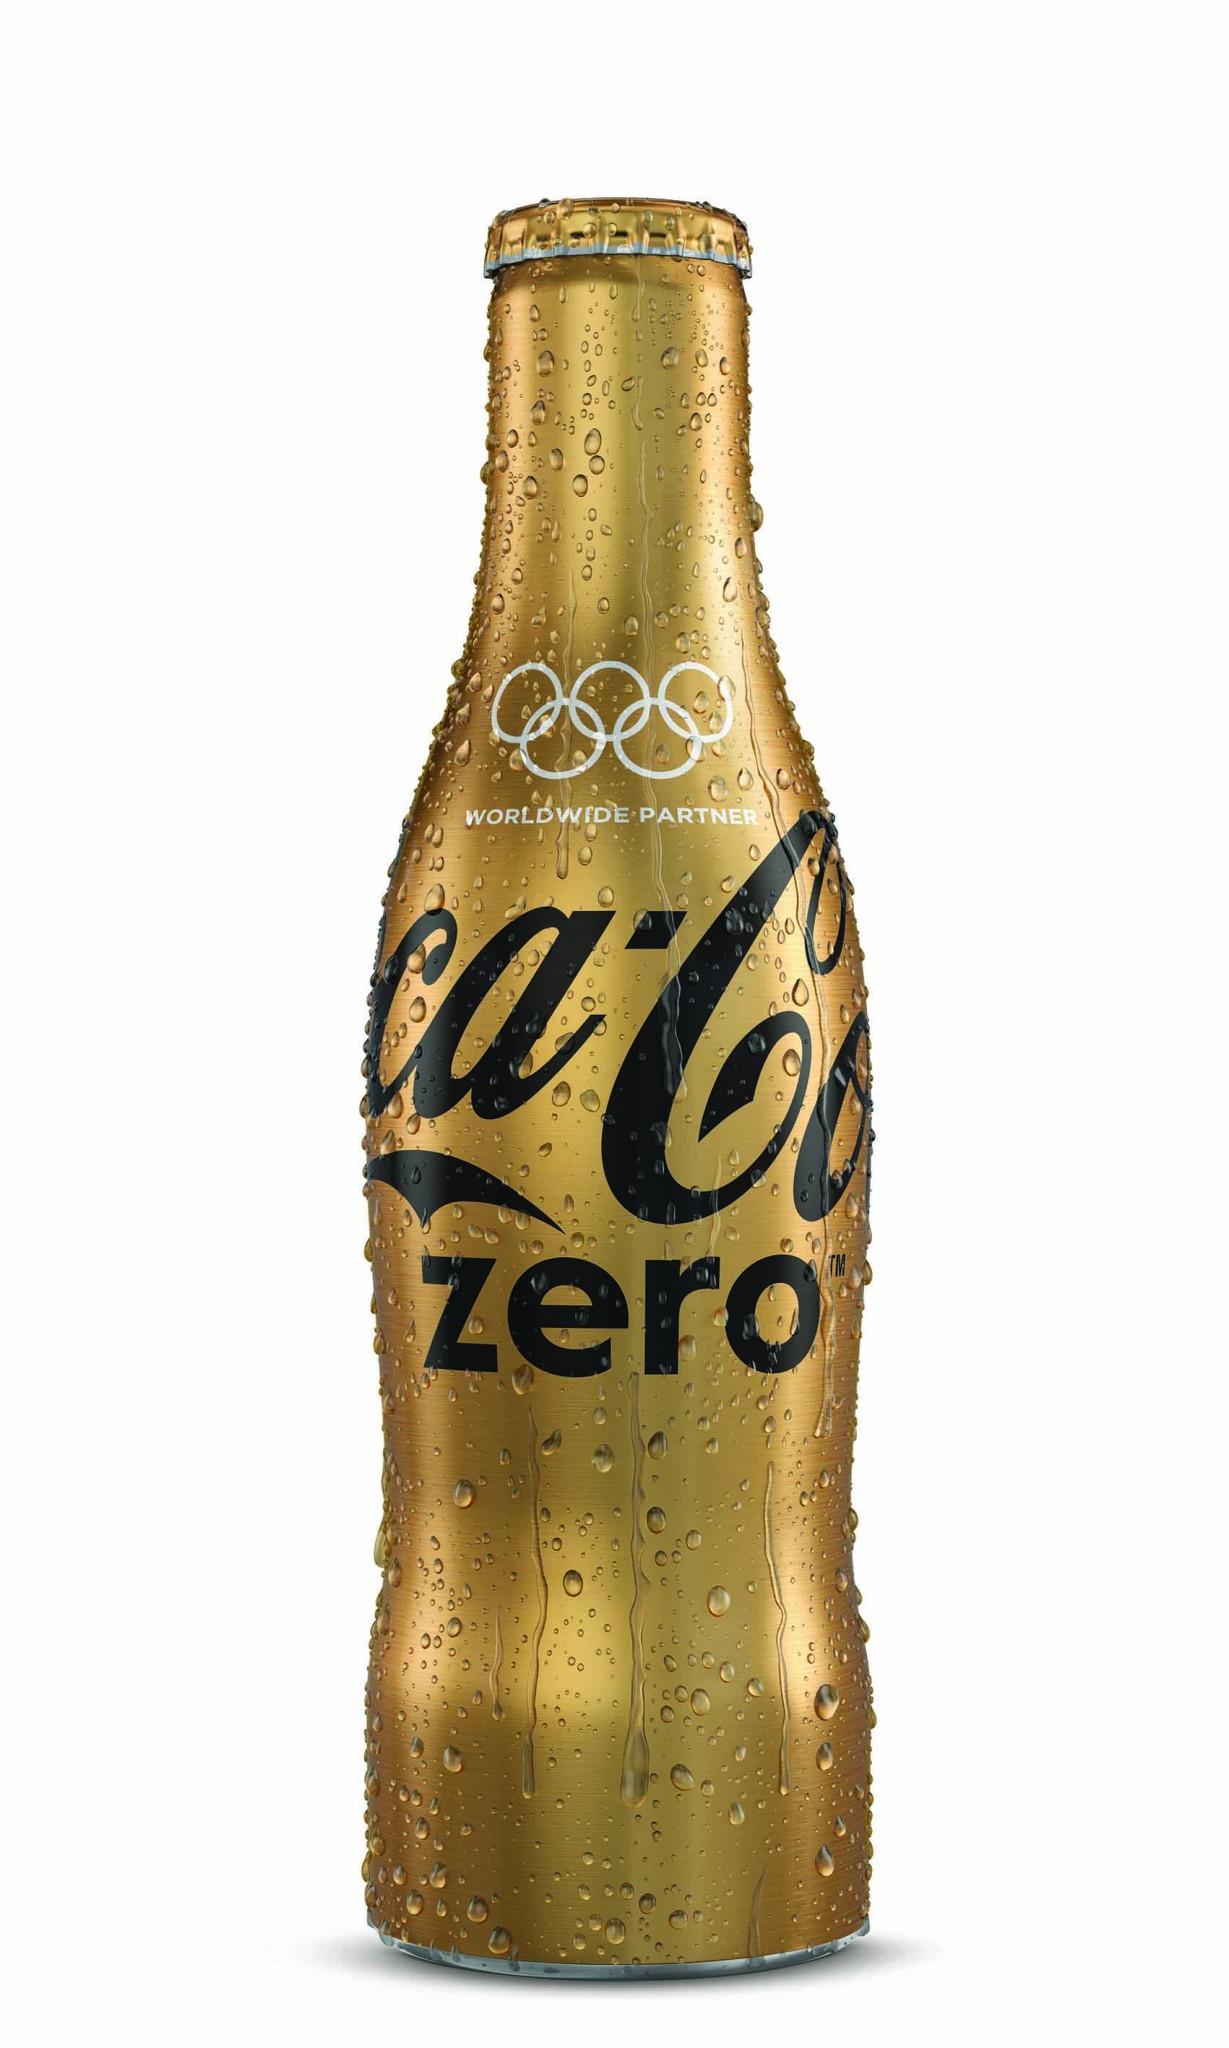 CocaCola_Zero_Ouro_GarrafaAluminio_250ml_CMYK_FINAL